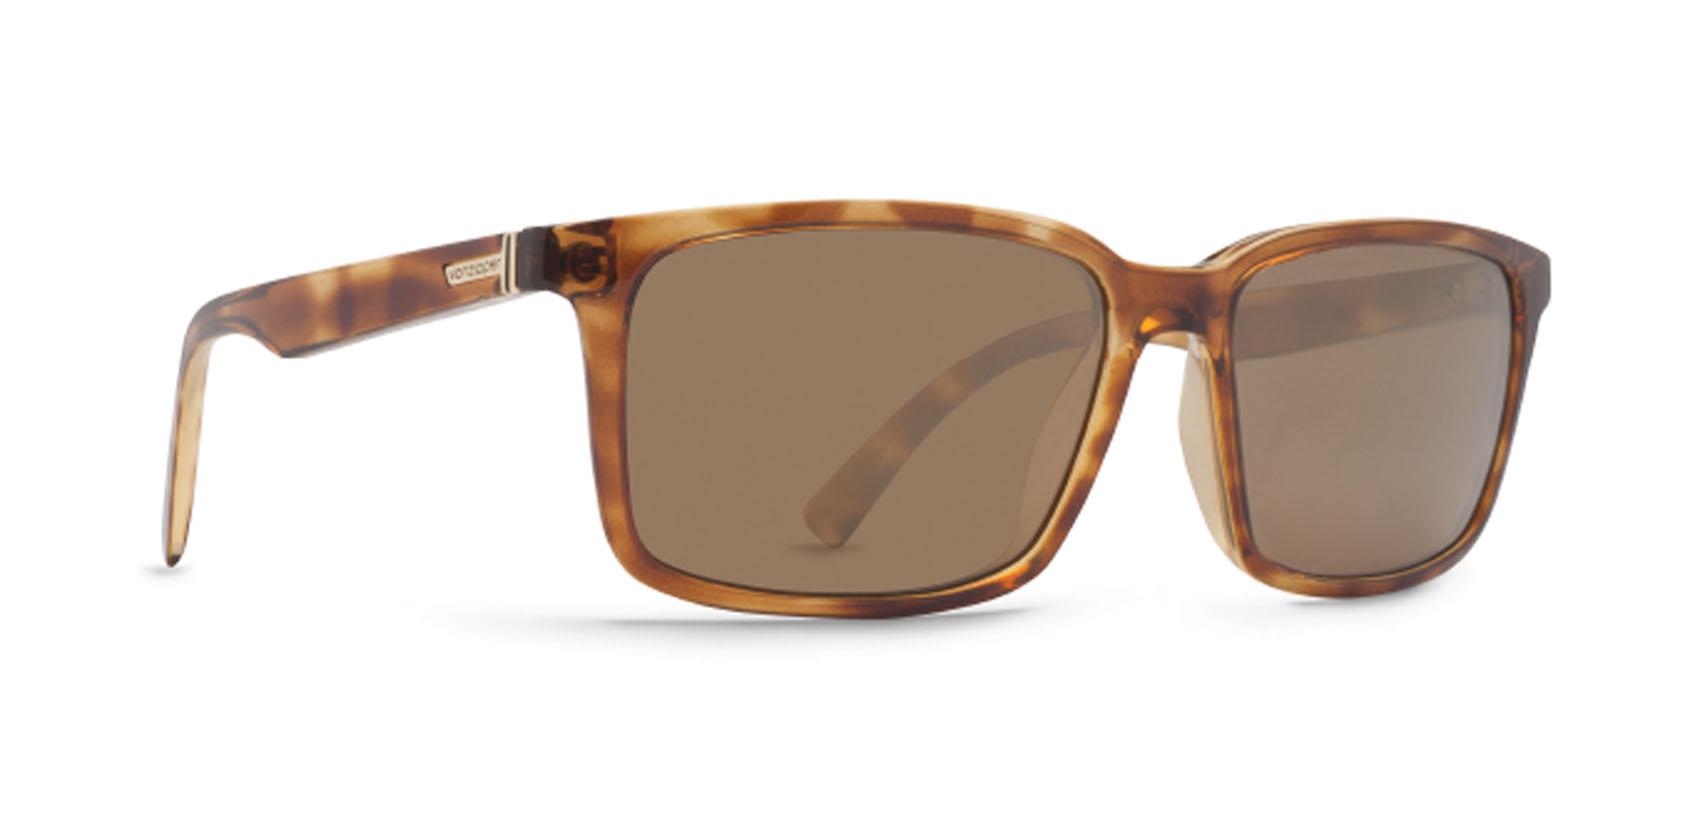 2e730a0e38 VonZipper Pinch Sunglasses Tortoise Gloss Gold Glo